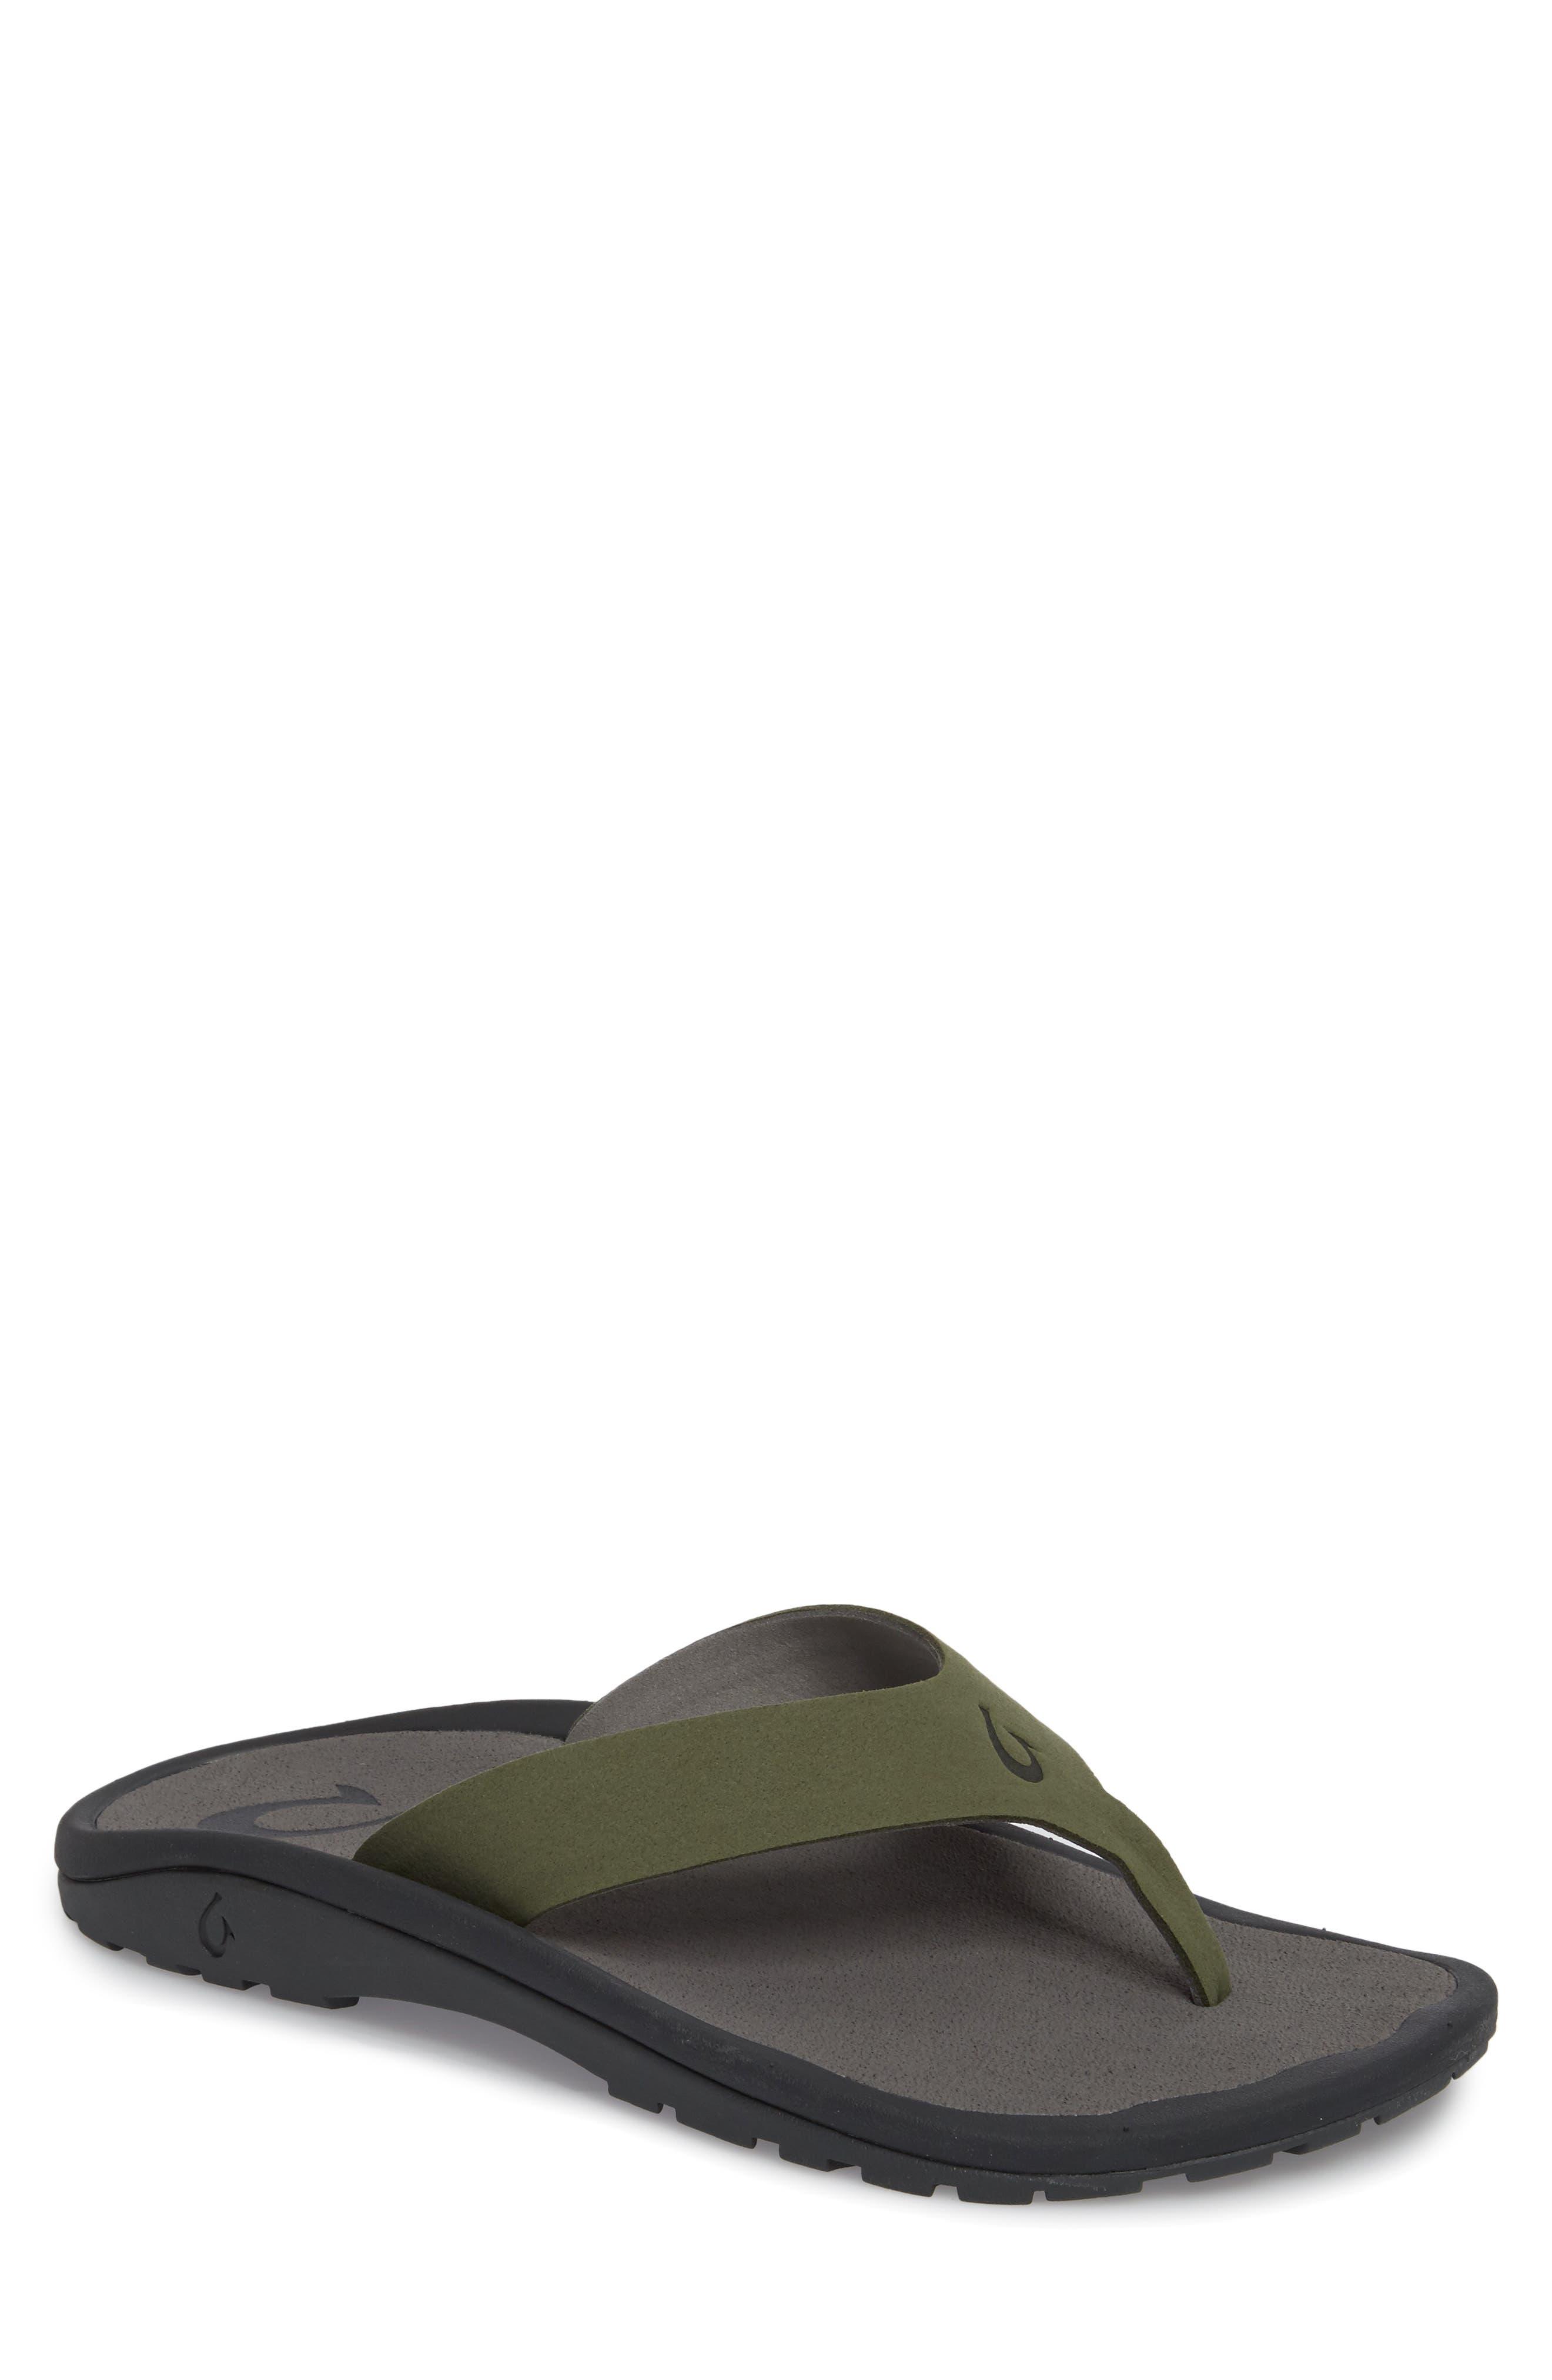 Ohana Ho'okahi Flip Flop,                         Main,                         color, Sea Grass/ Charcoal